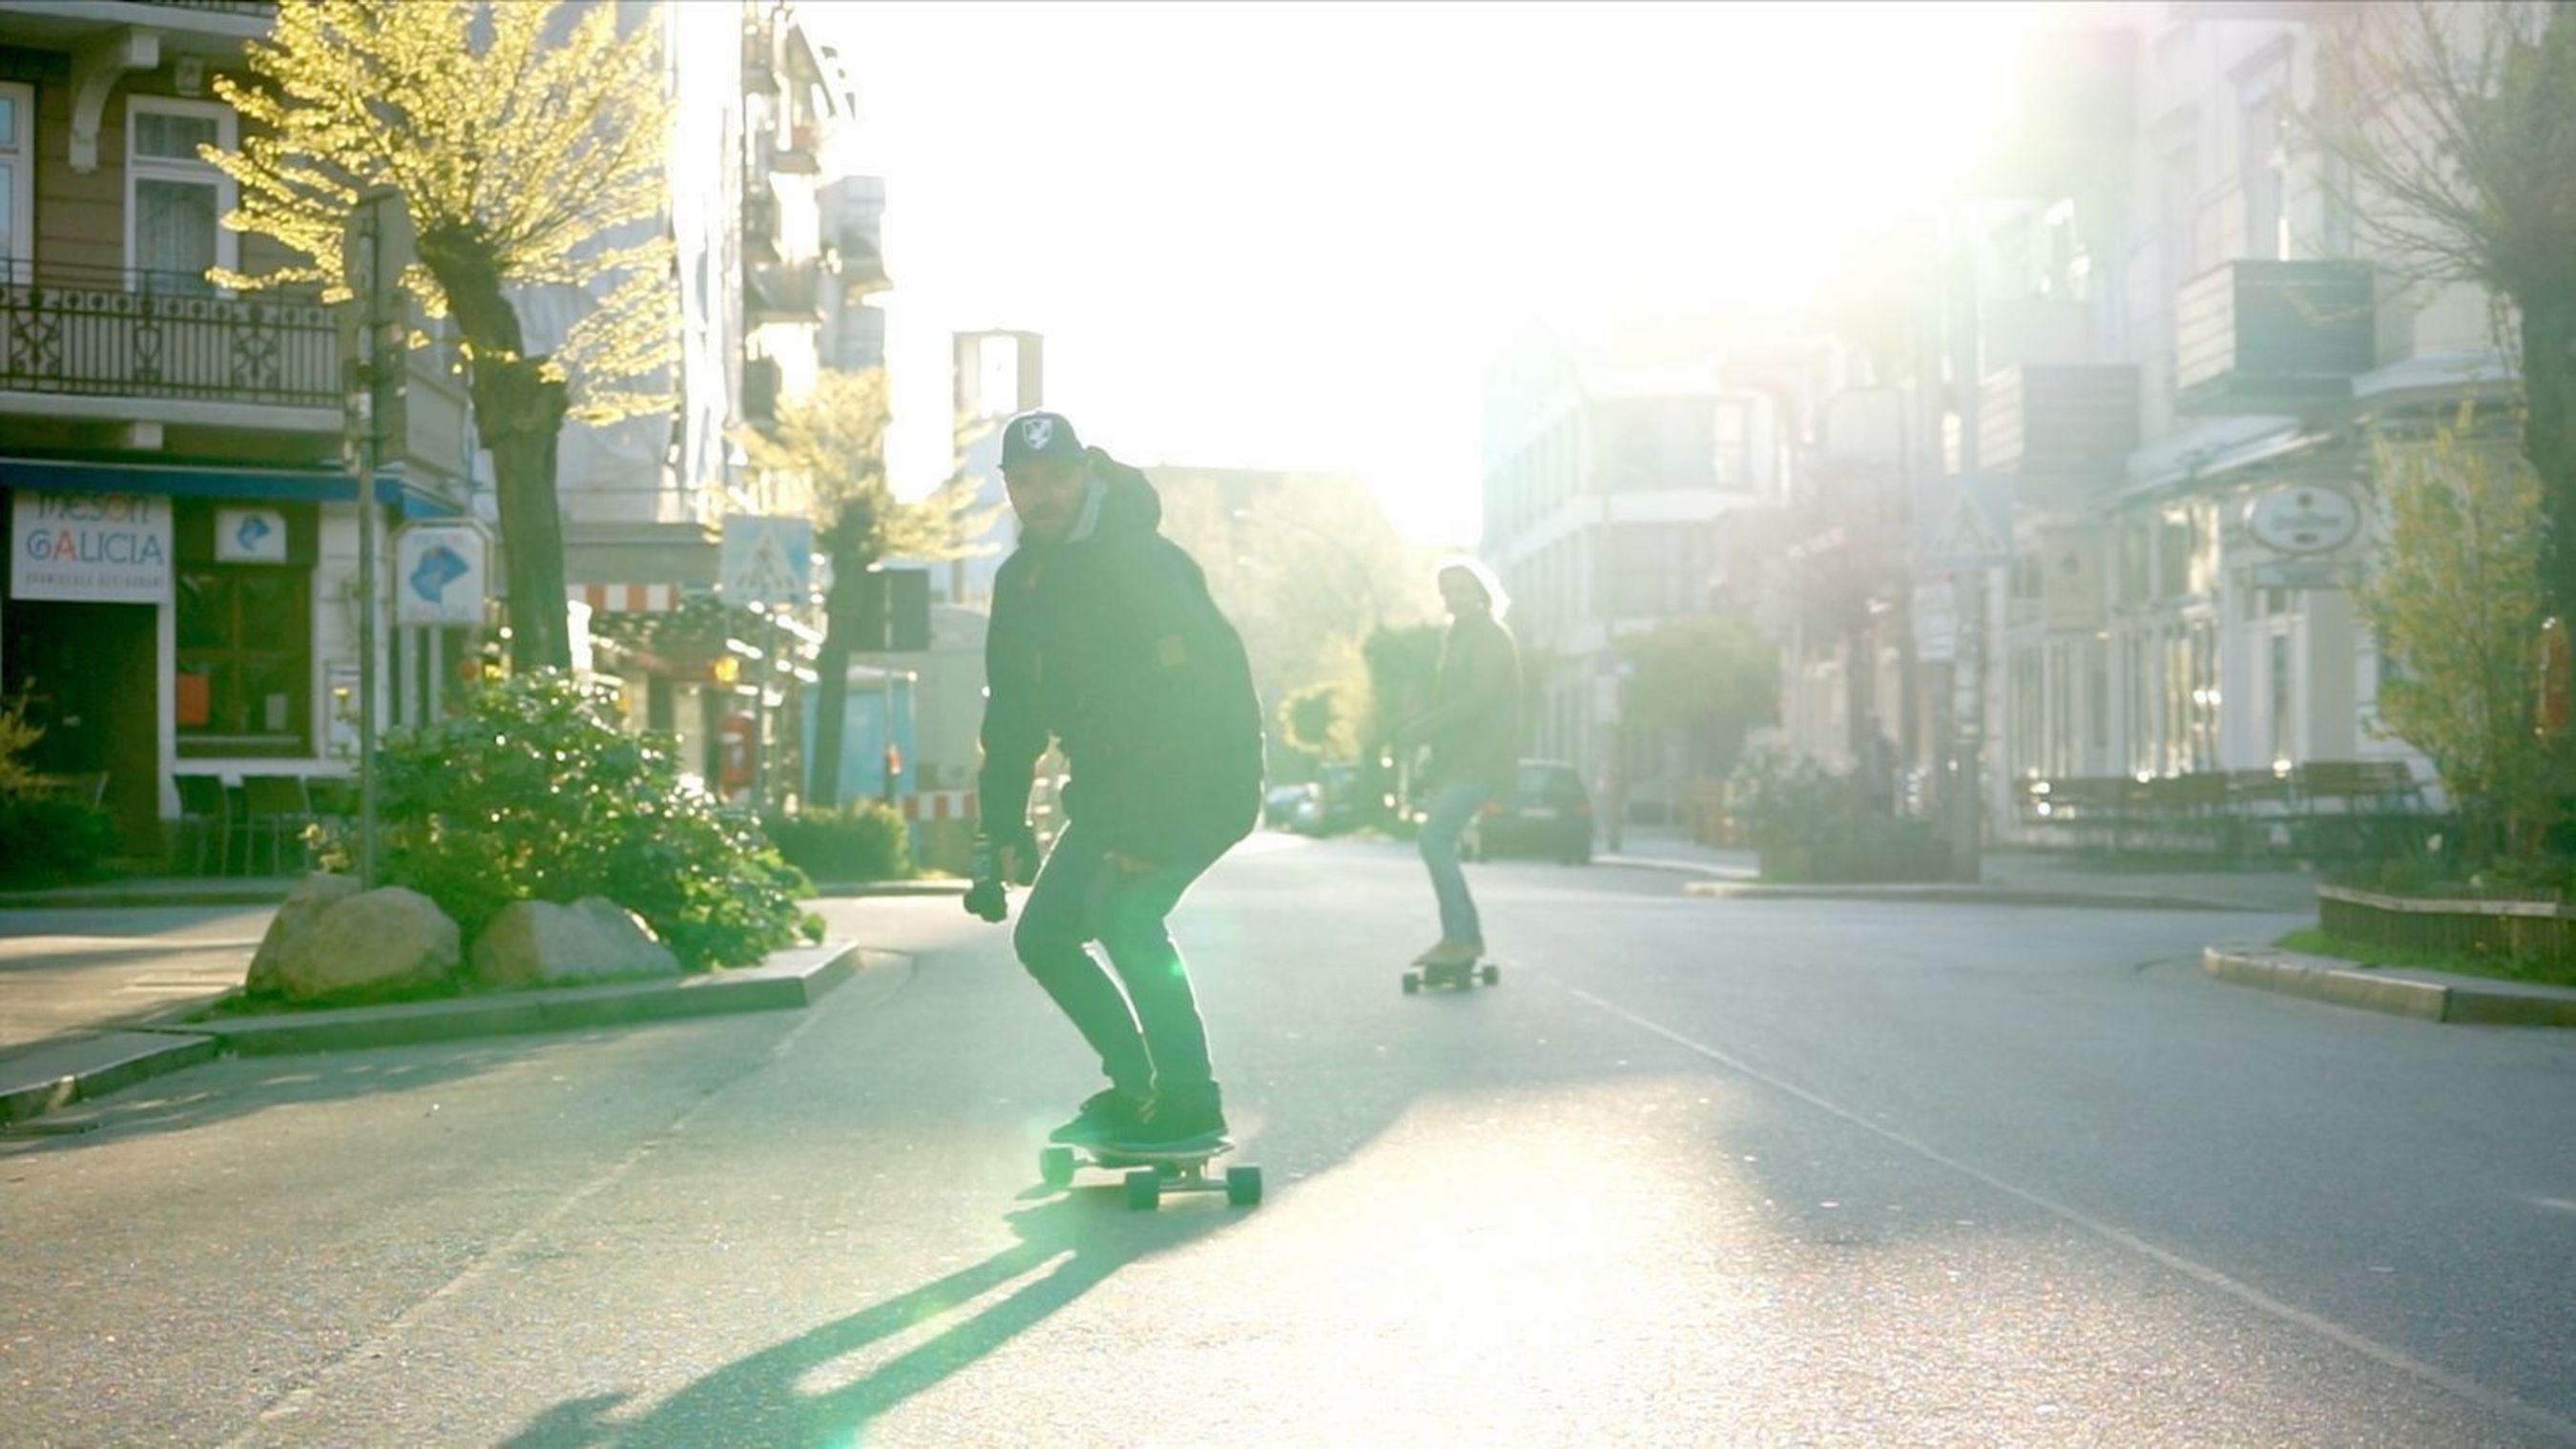 Mellow - la primera propulsión eléctrica que se adapta a cualquier skateboard - ahora en